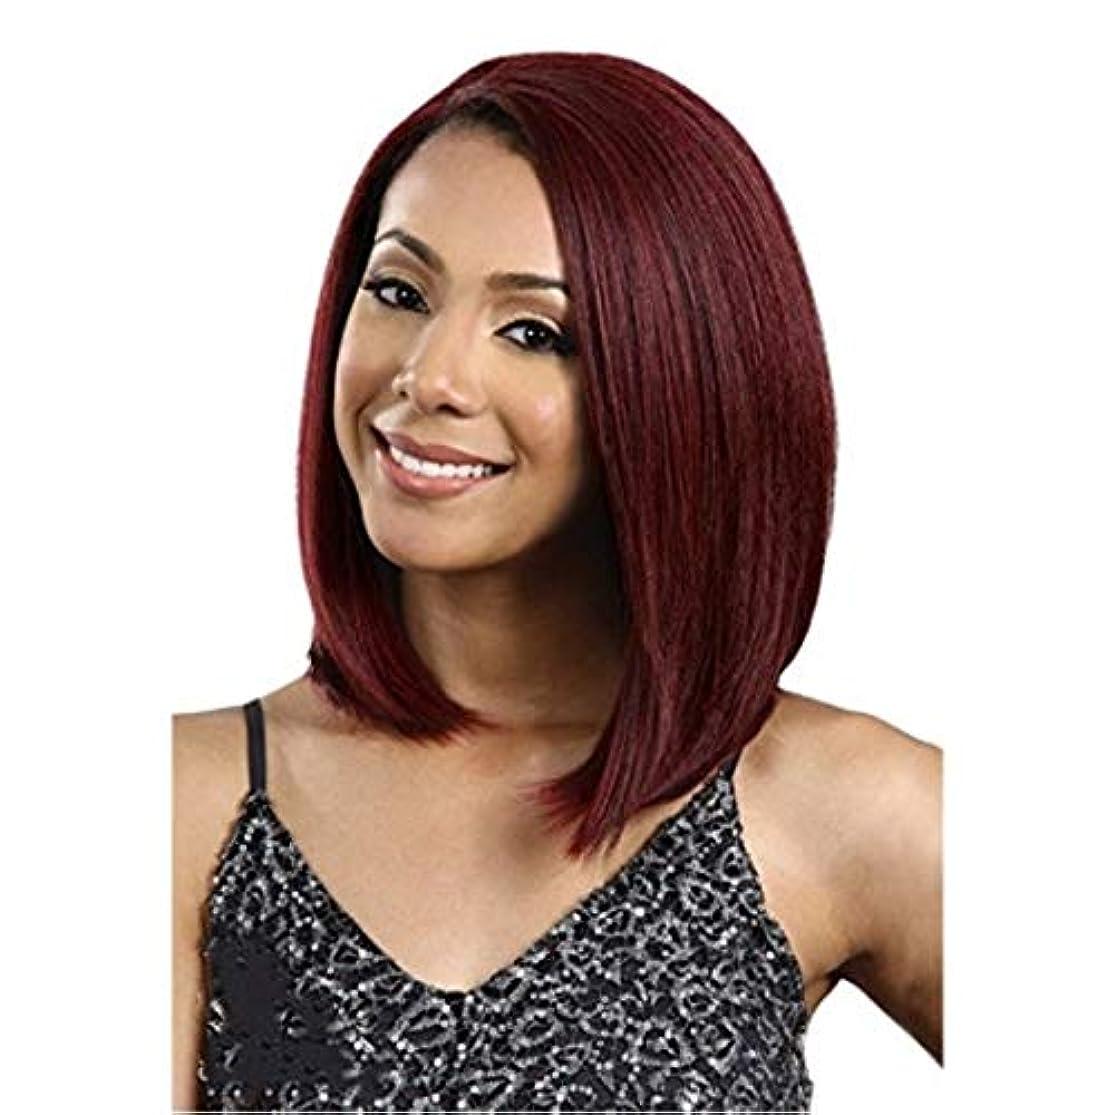 持続的山とにかくKerwinner 女性のための前髪の髪のかつらとミディアムストレートヘアレッドウィッグヘッドギア耐熱合成かつら